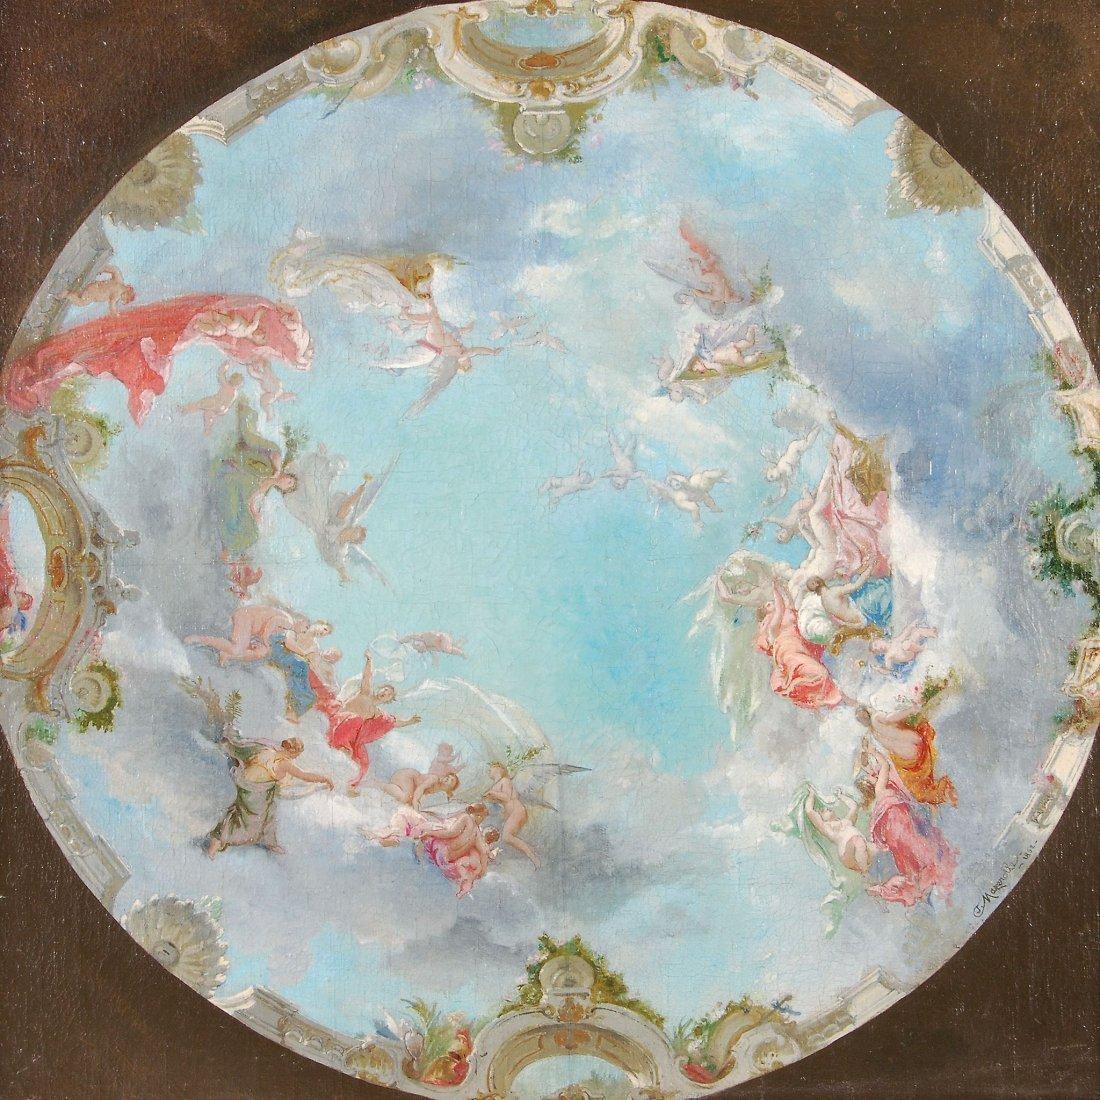 Alexis Joseph Mazerolle (1826-1889) - Allegorical